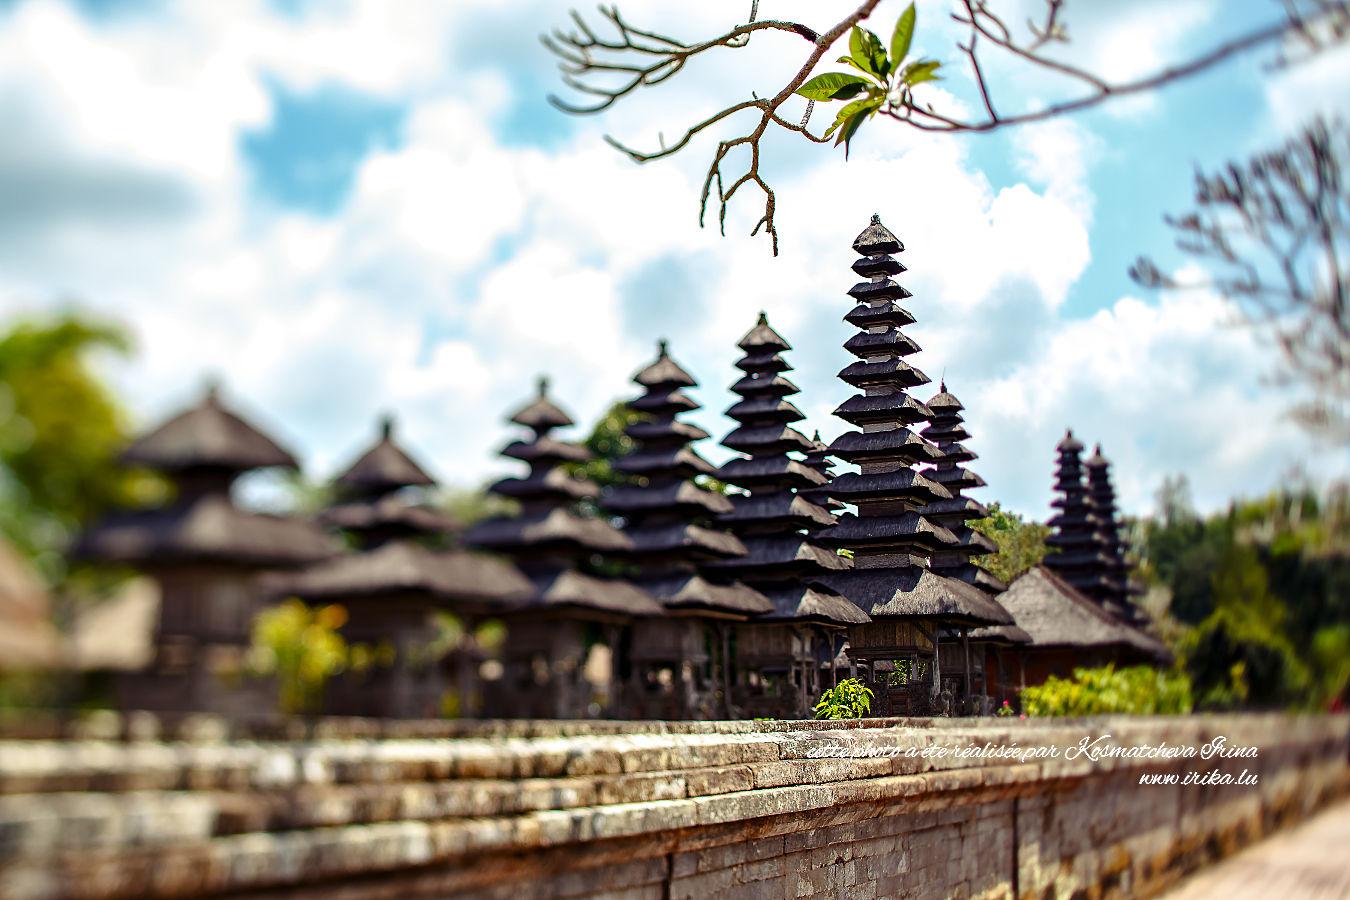 Rangée de temples